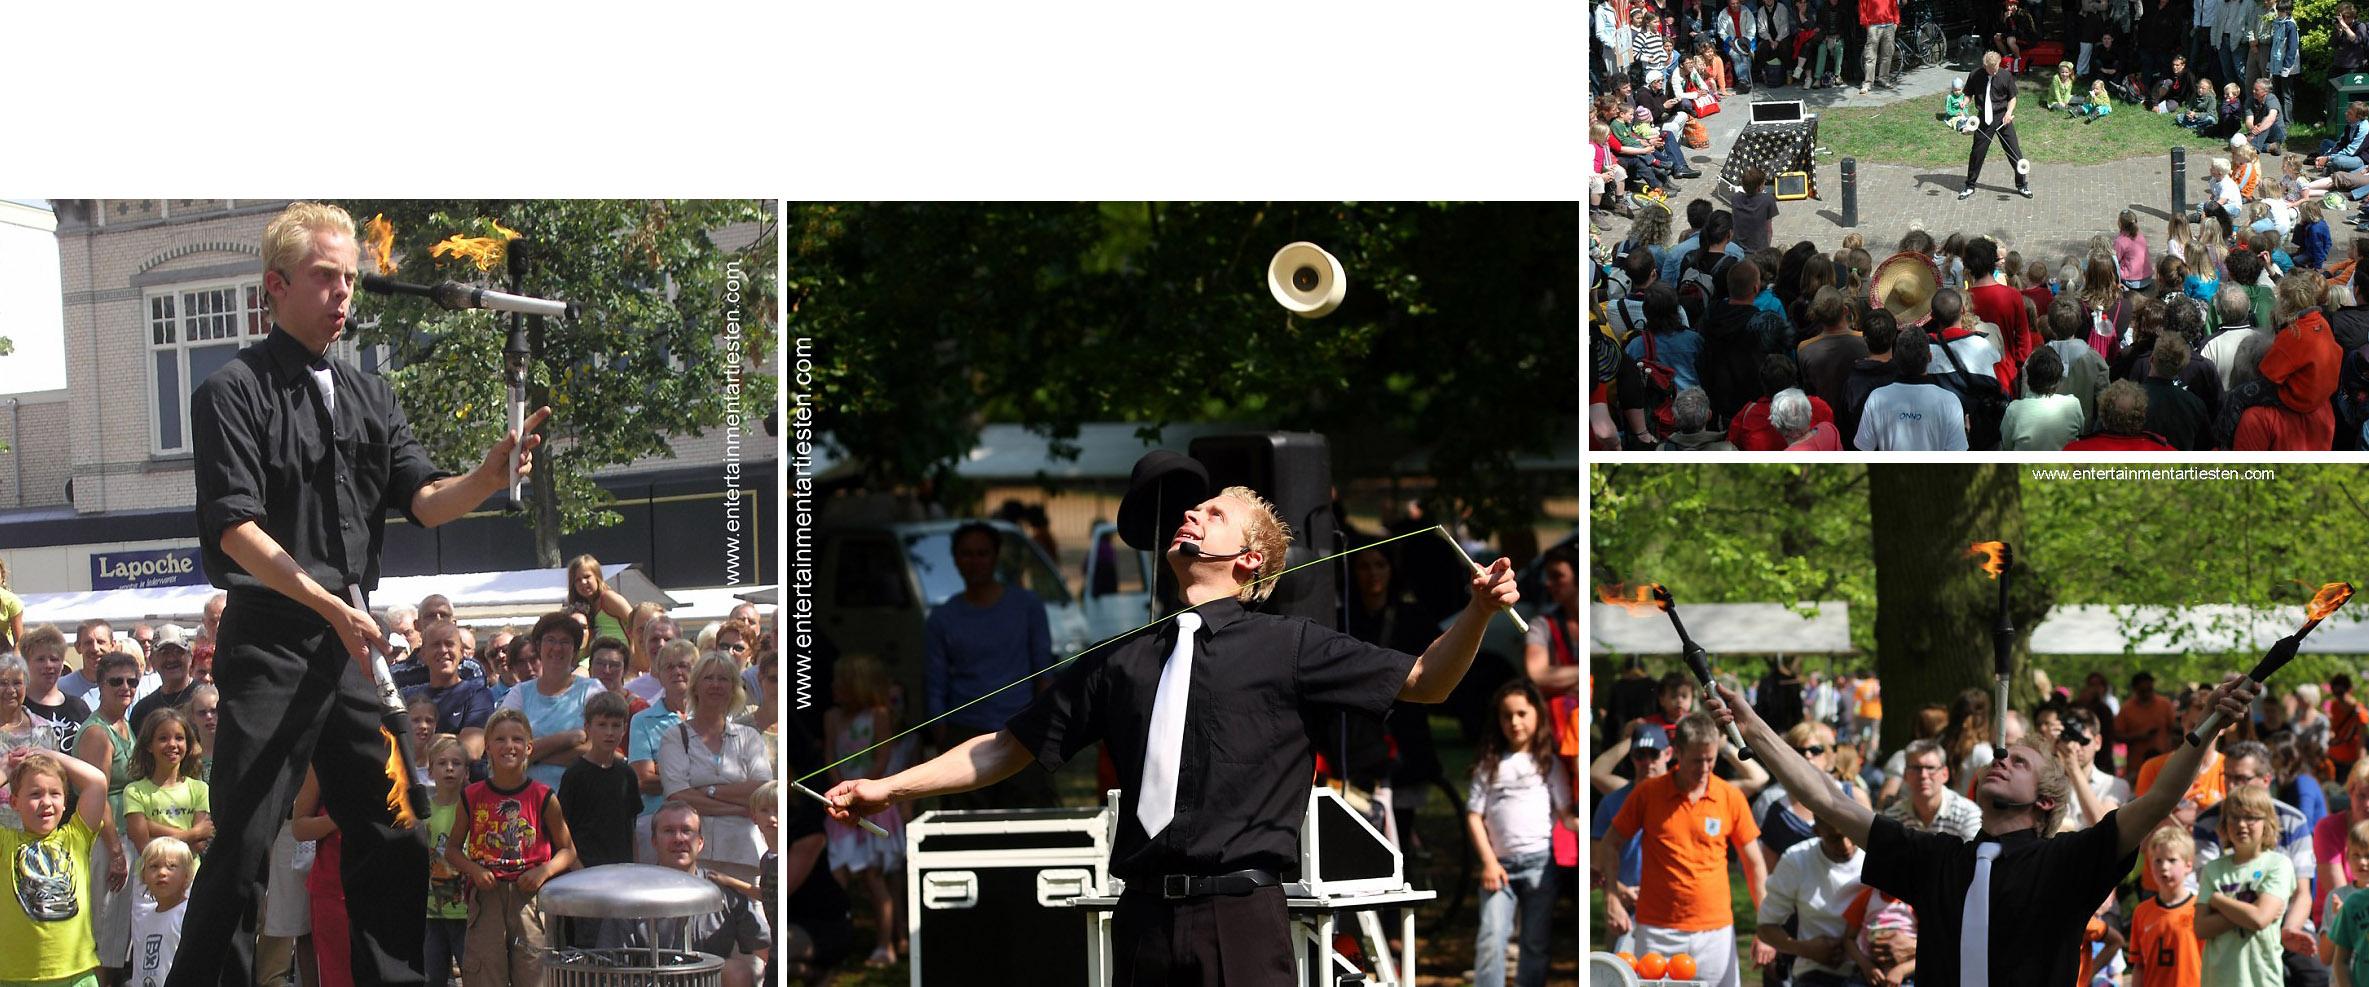 jongleur acrobatiek, deze jongleur jongleert met vuurfakkels, ballen en diabolo's, straattheater, artiesten boeken, artiestenbureau, thema feest, Govers Evenementen, www.goversartiesten.nl